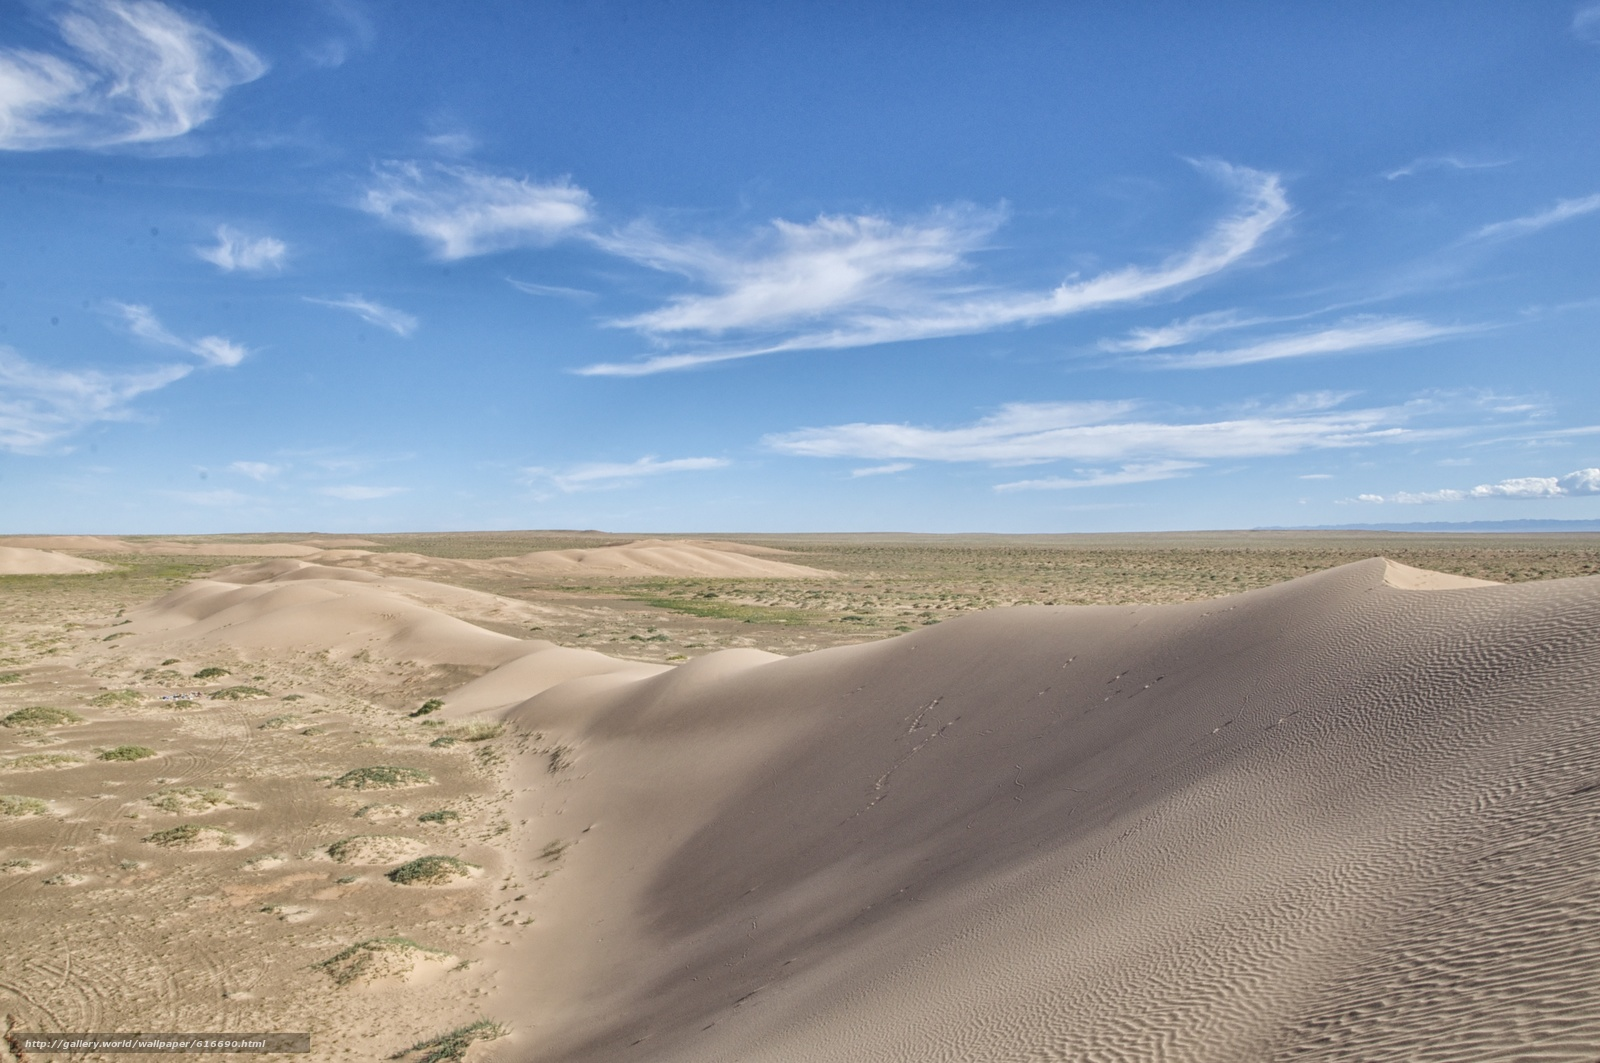 Скачать обои Бархан,  дюна,  песок,  пустыня бесплатно для рабочего стола в разрешении 4209x2796 — картинка №616690